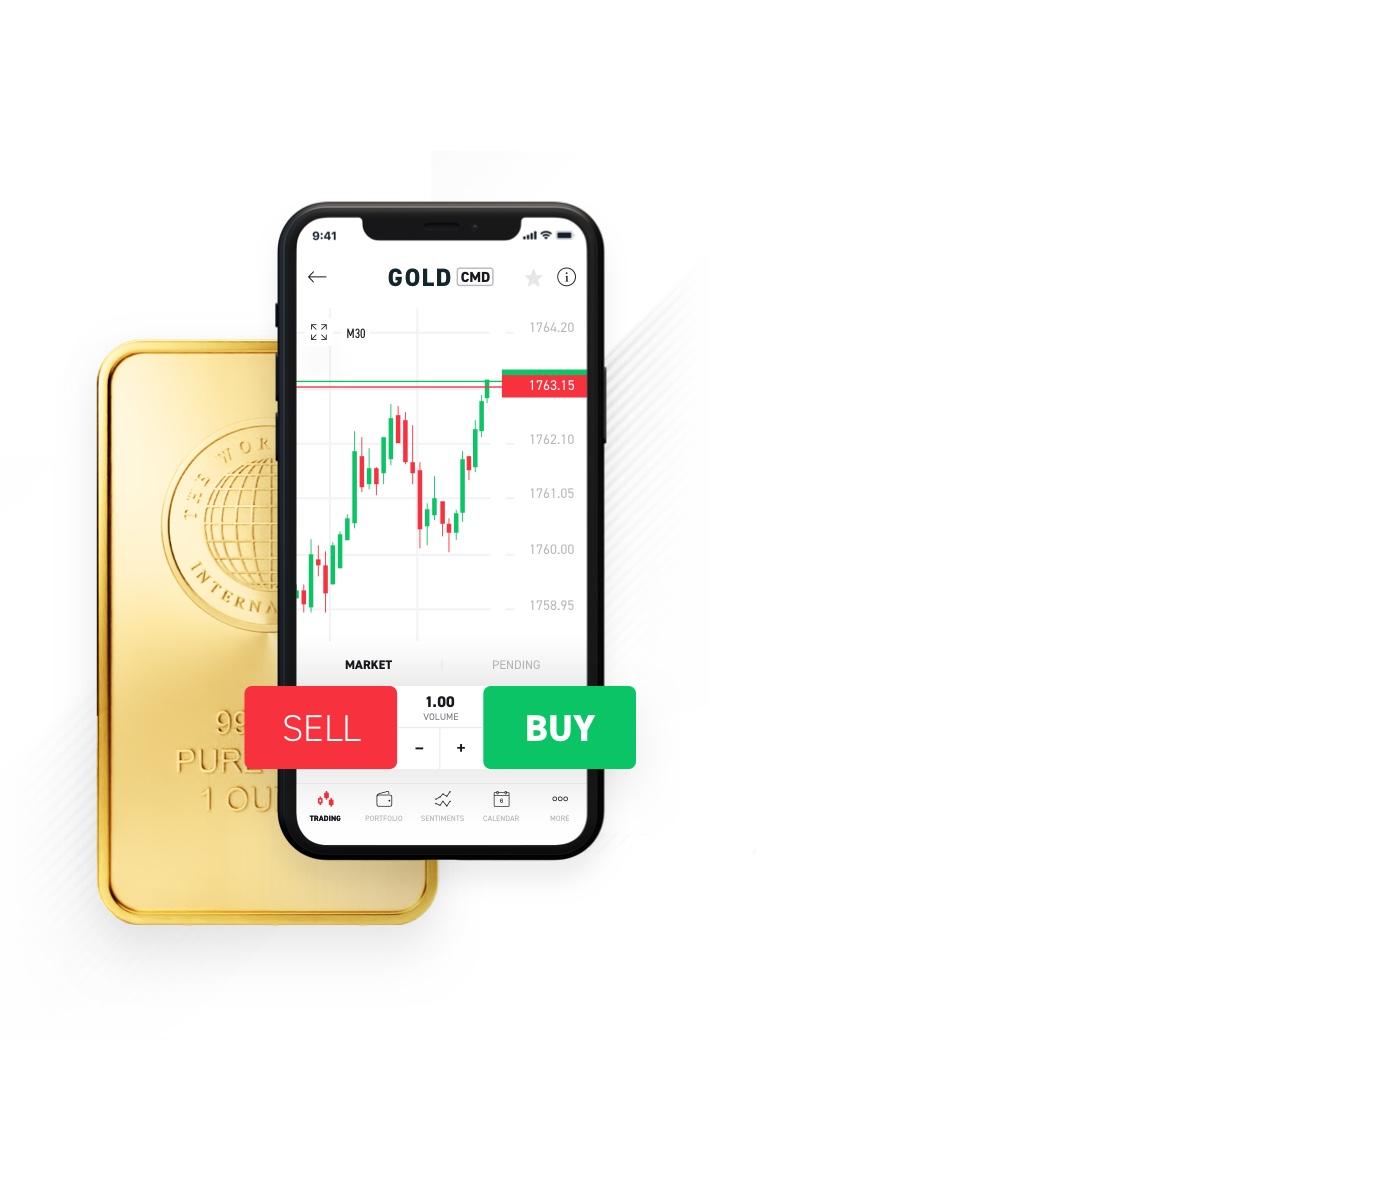 KV_Offer_Campaign_Hybrid_Gold_FORM